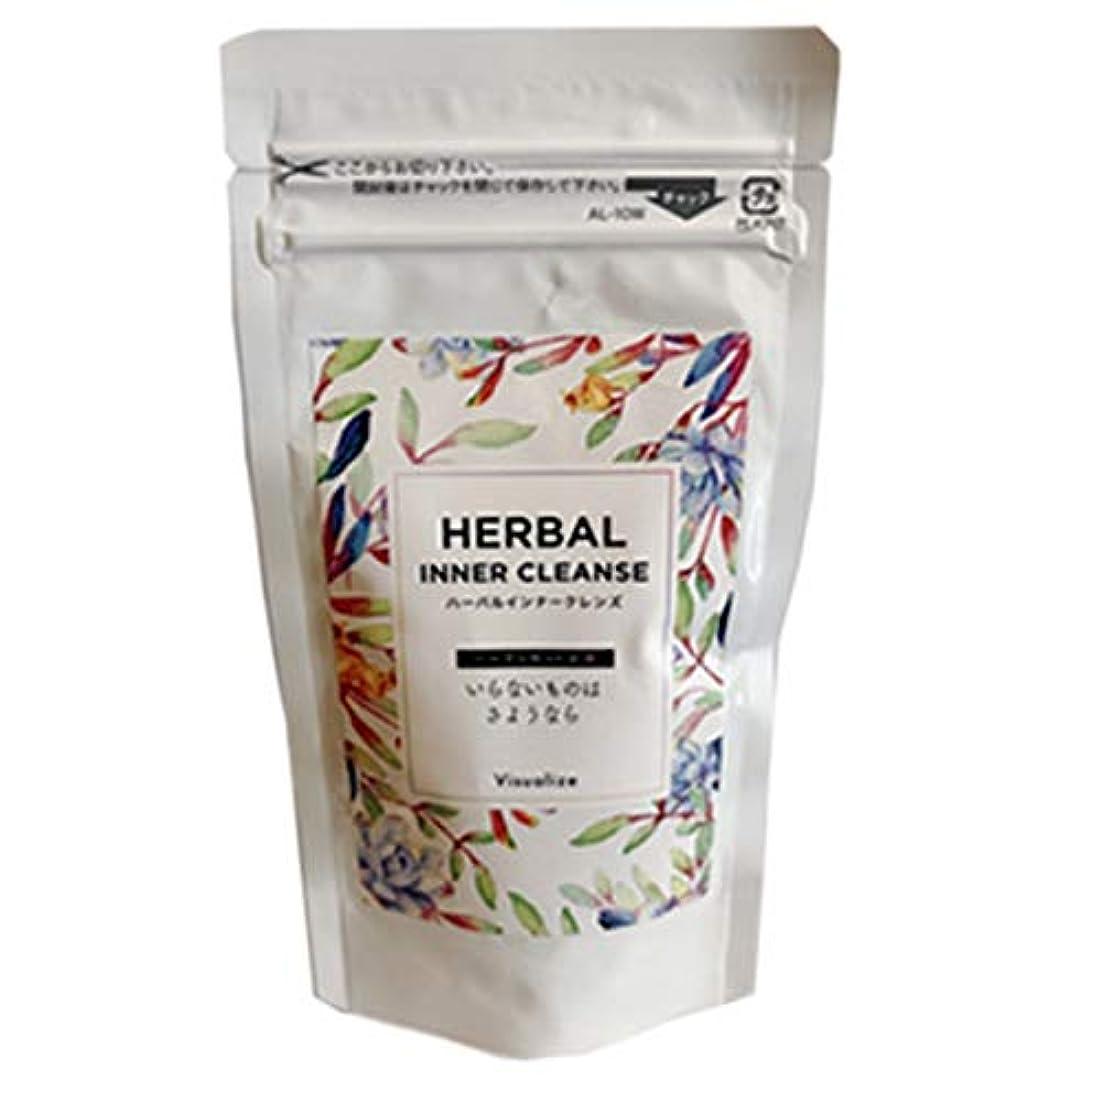 当社ジャンピングジャック破壊的なハーバルインナークレンズ Herbal INNER CLEANZE (150粒(tablets))2019/1/8より順次発送